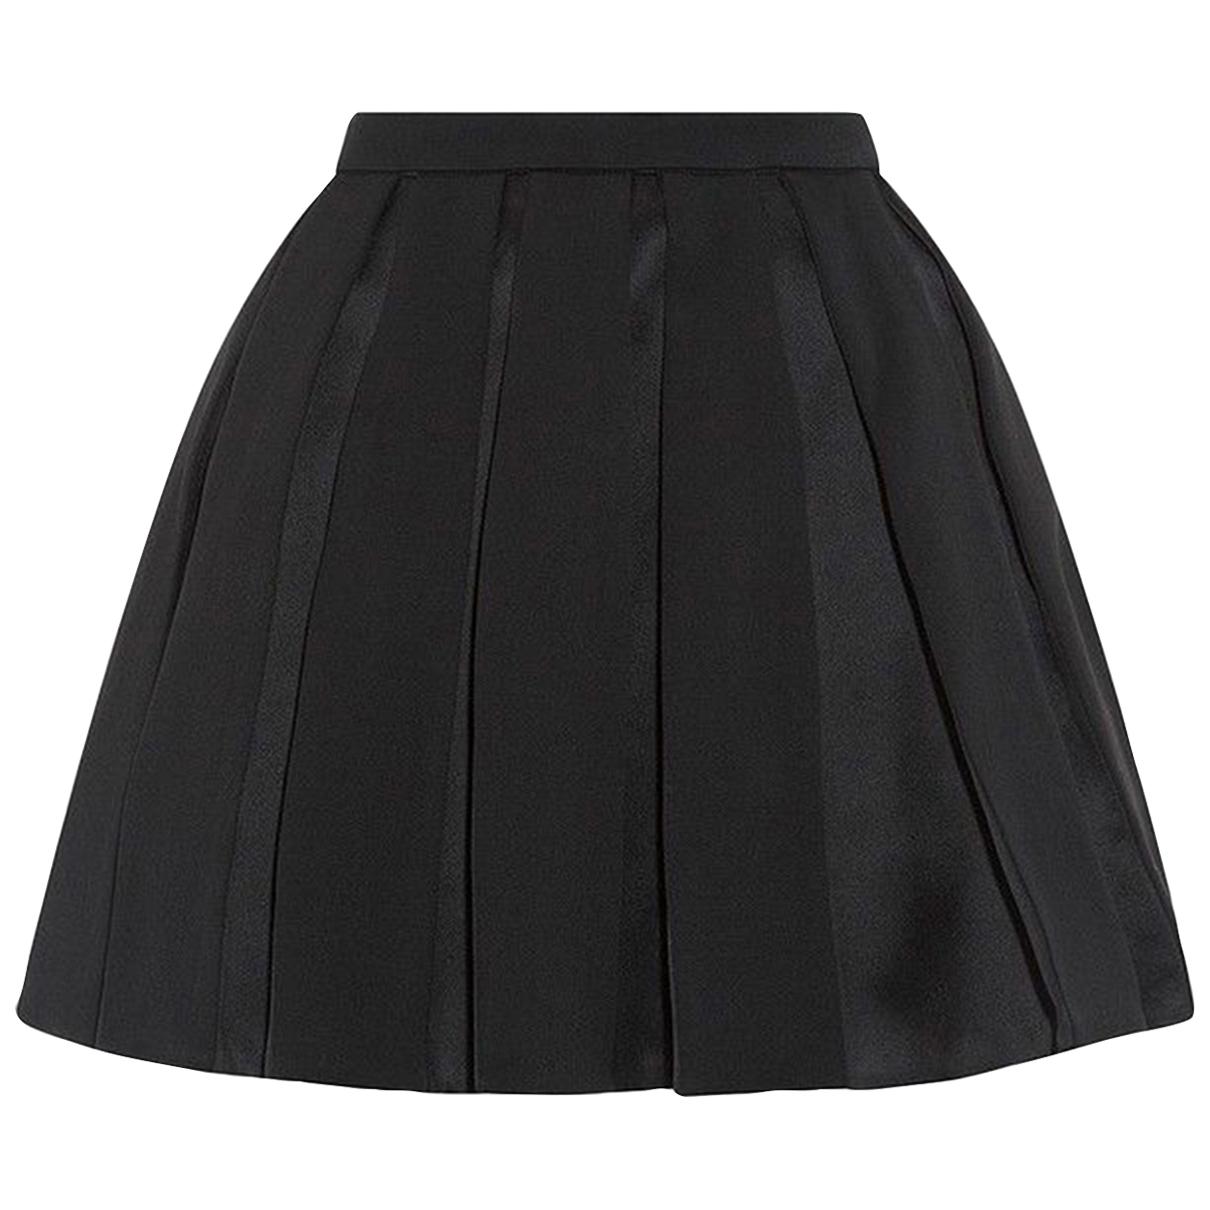 Balmain \N Black Wool skirt for Women 36 FR